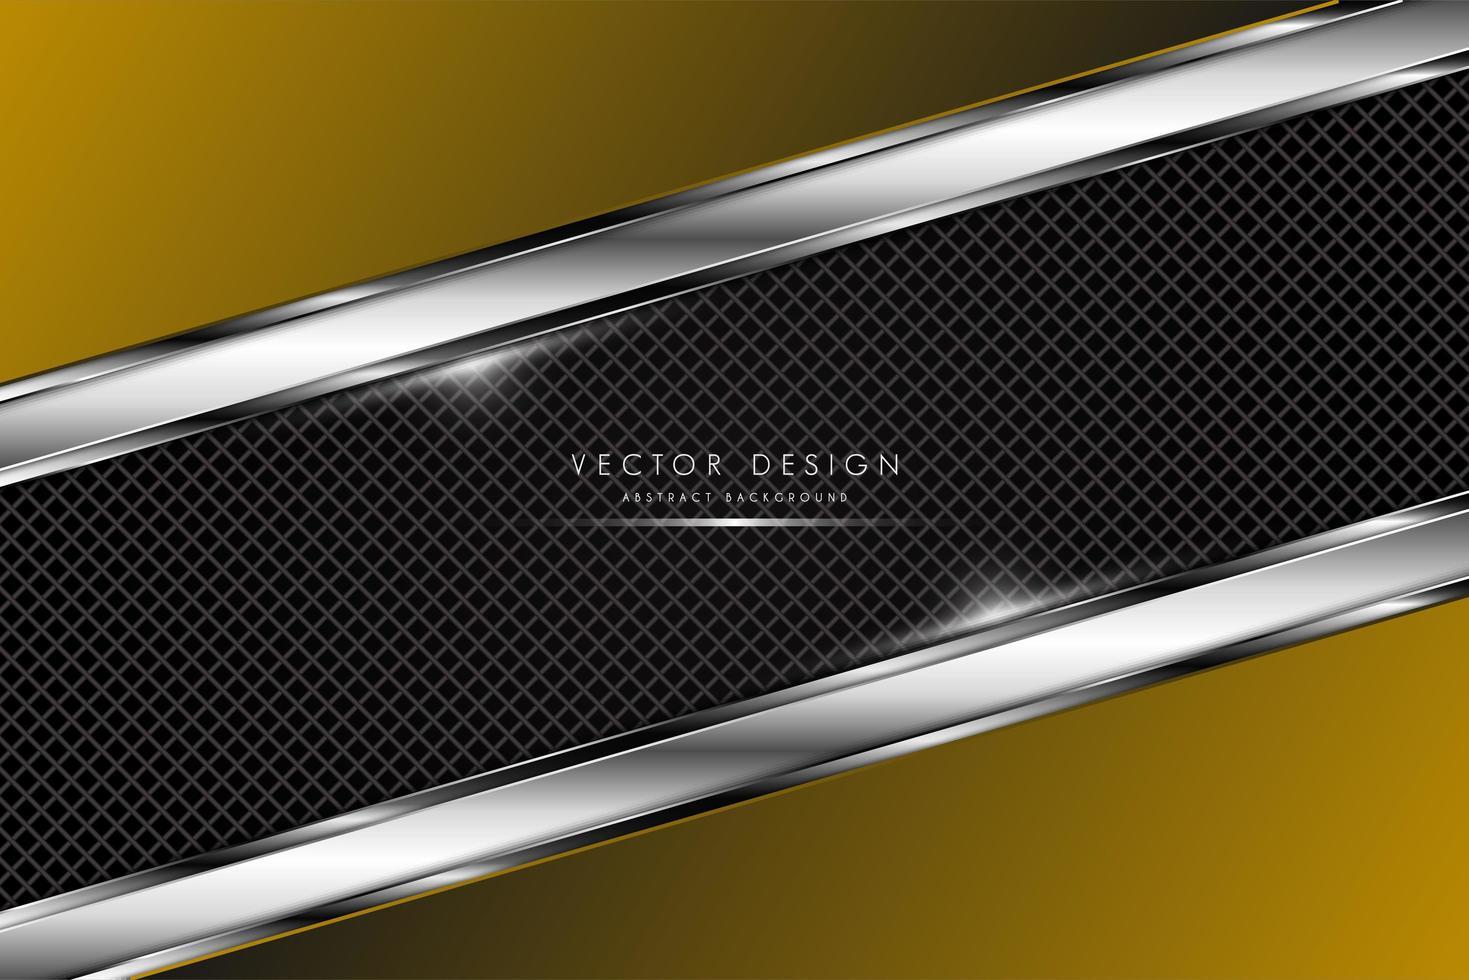 gouden metalen achtergrond met koolstofvezel textuur vector